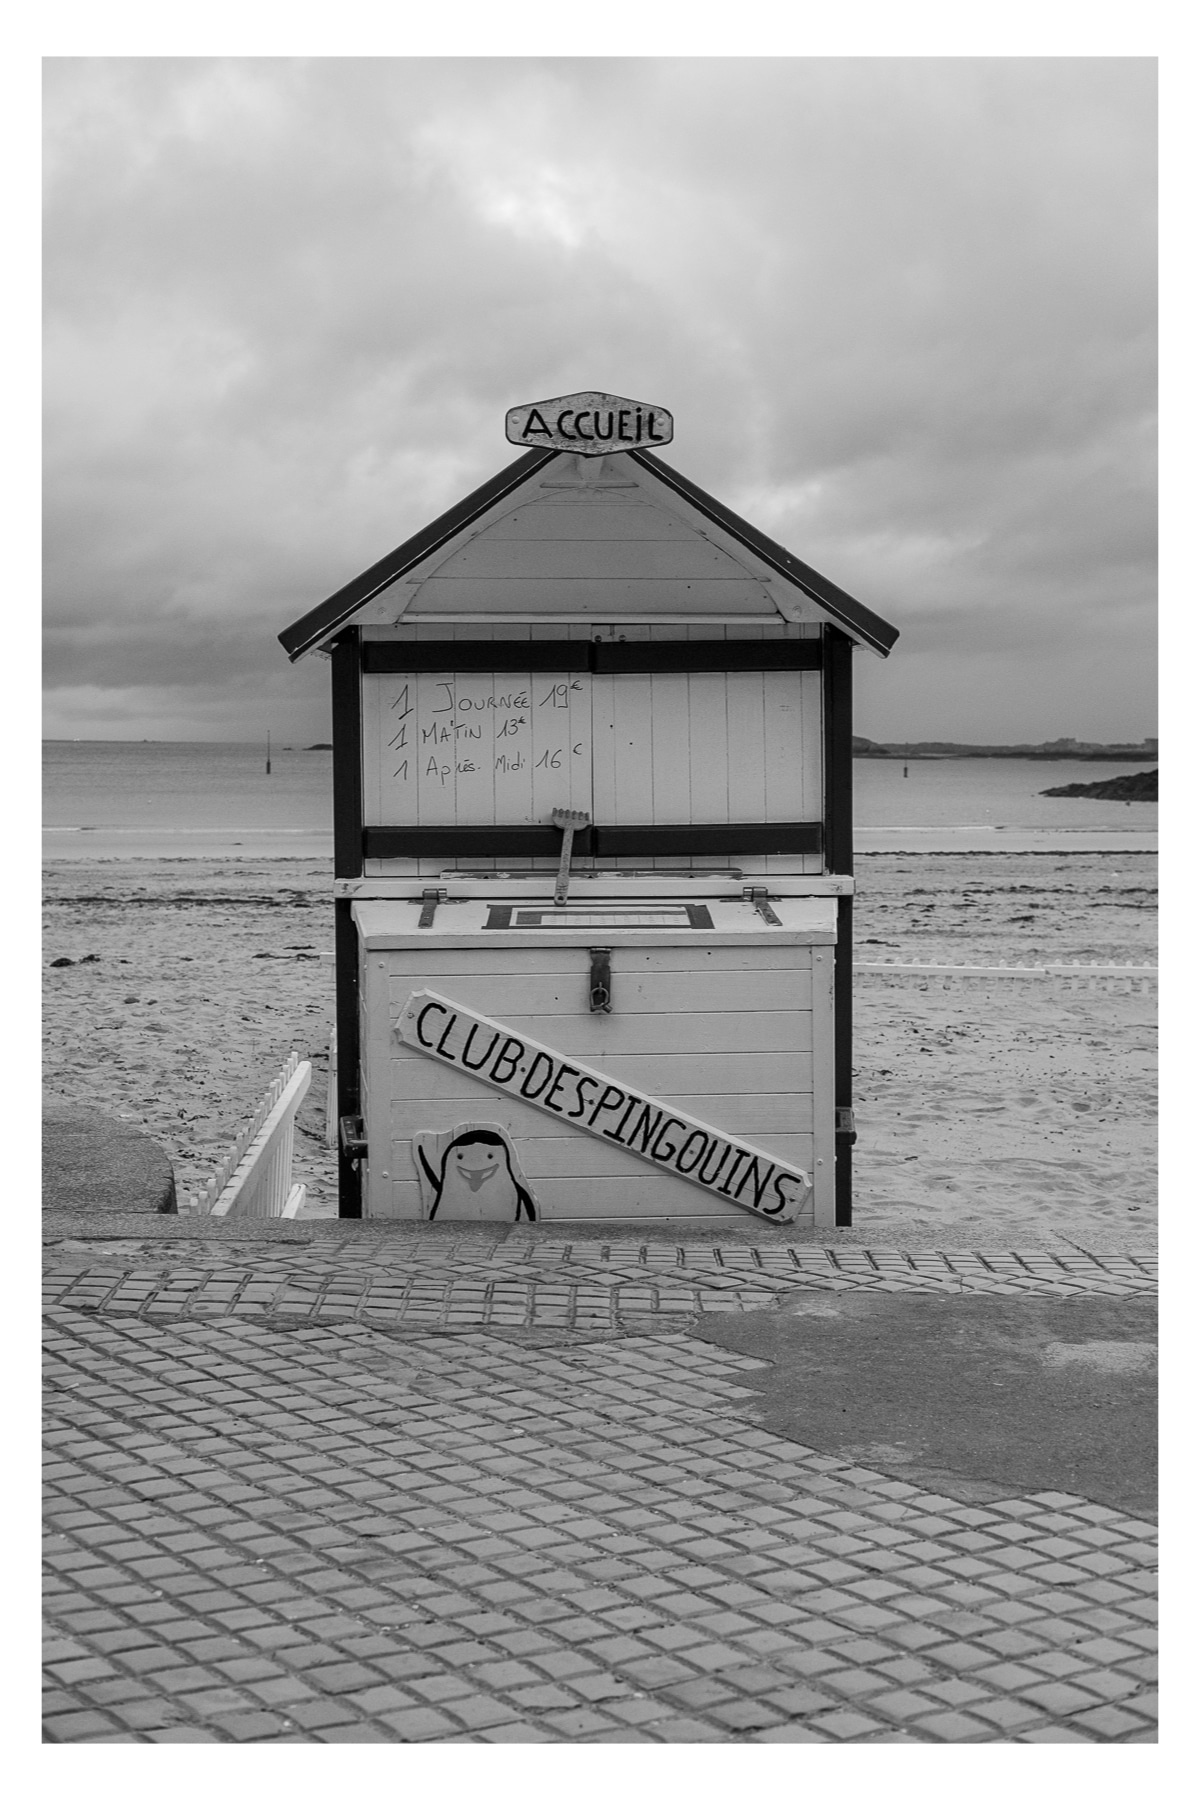 Monochrome photo of the Club Des Pingouins at Plage de l'Écluse - Dinard, France